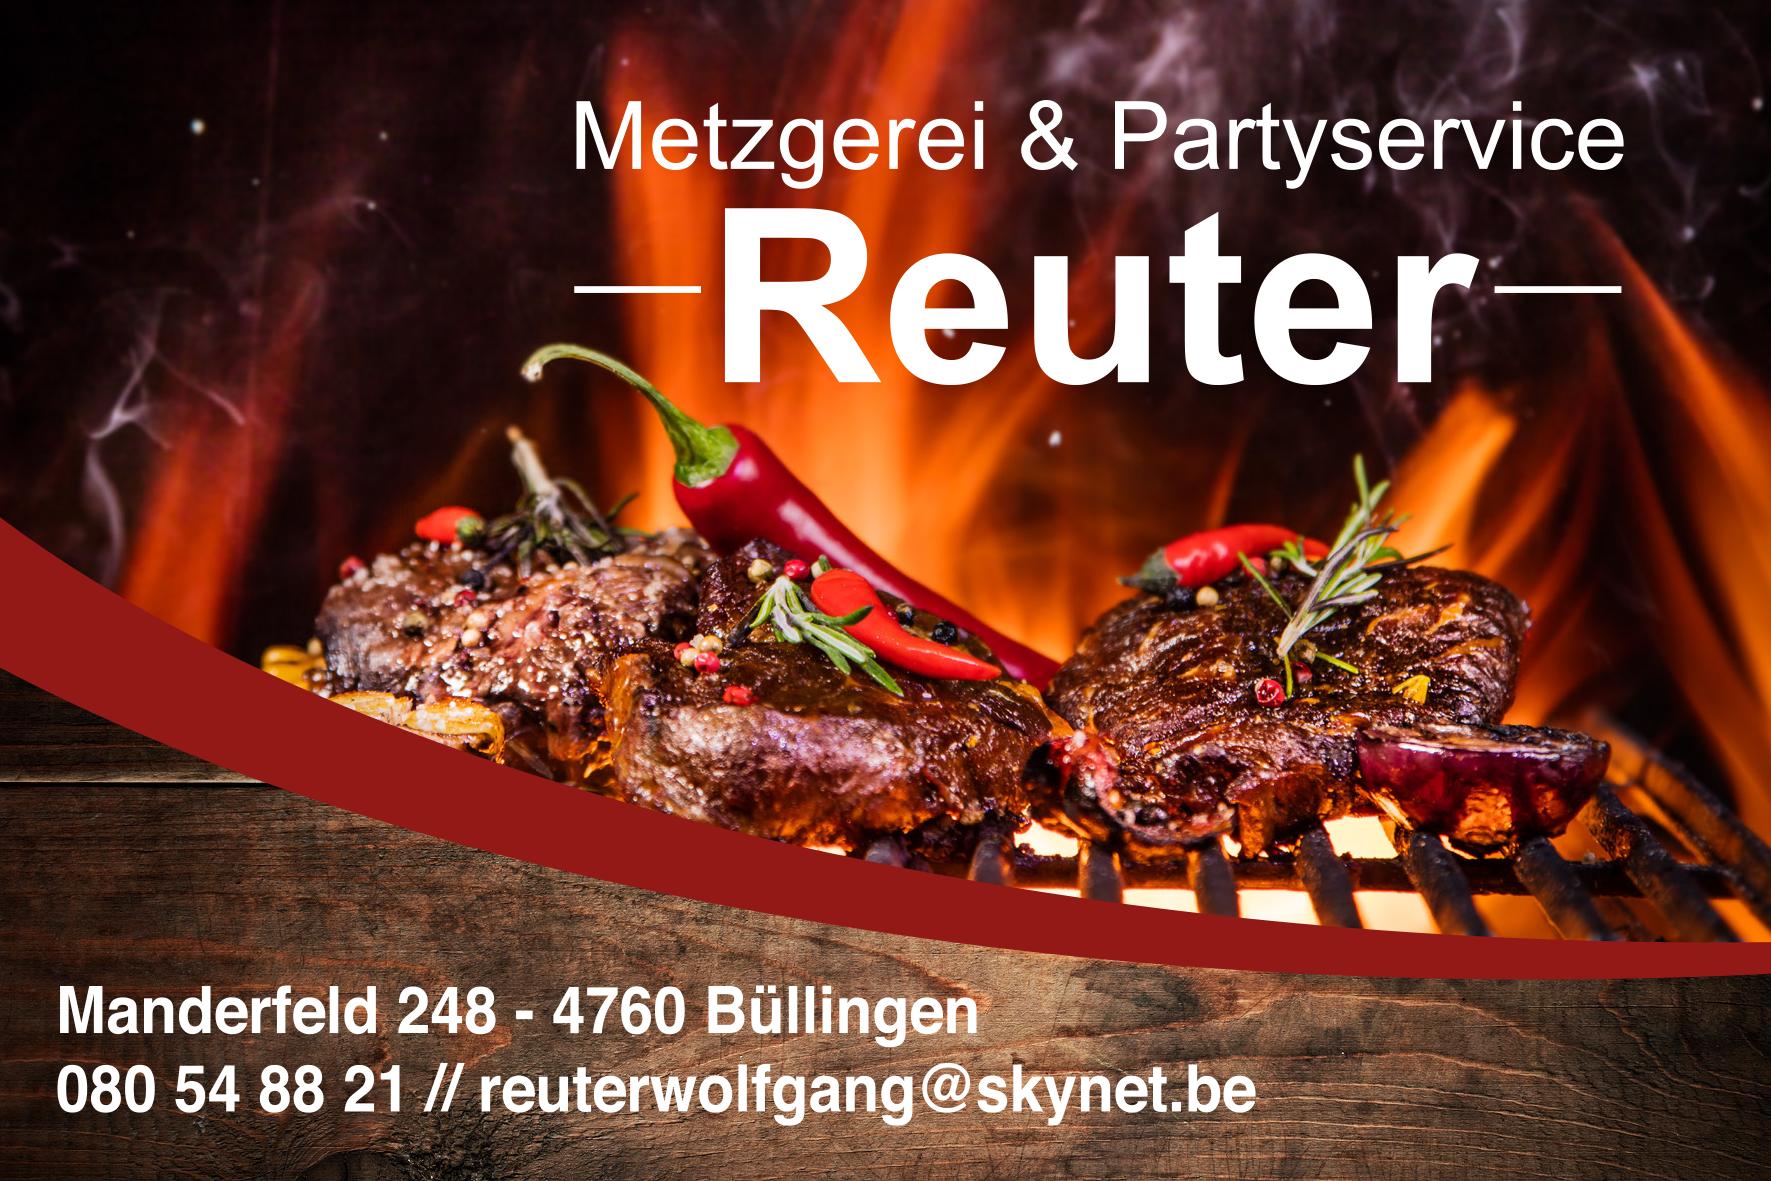 Logo Metzgerei Reuter